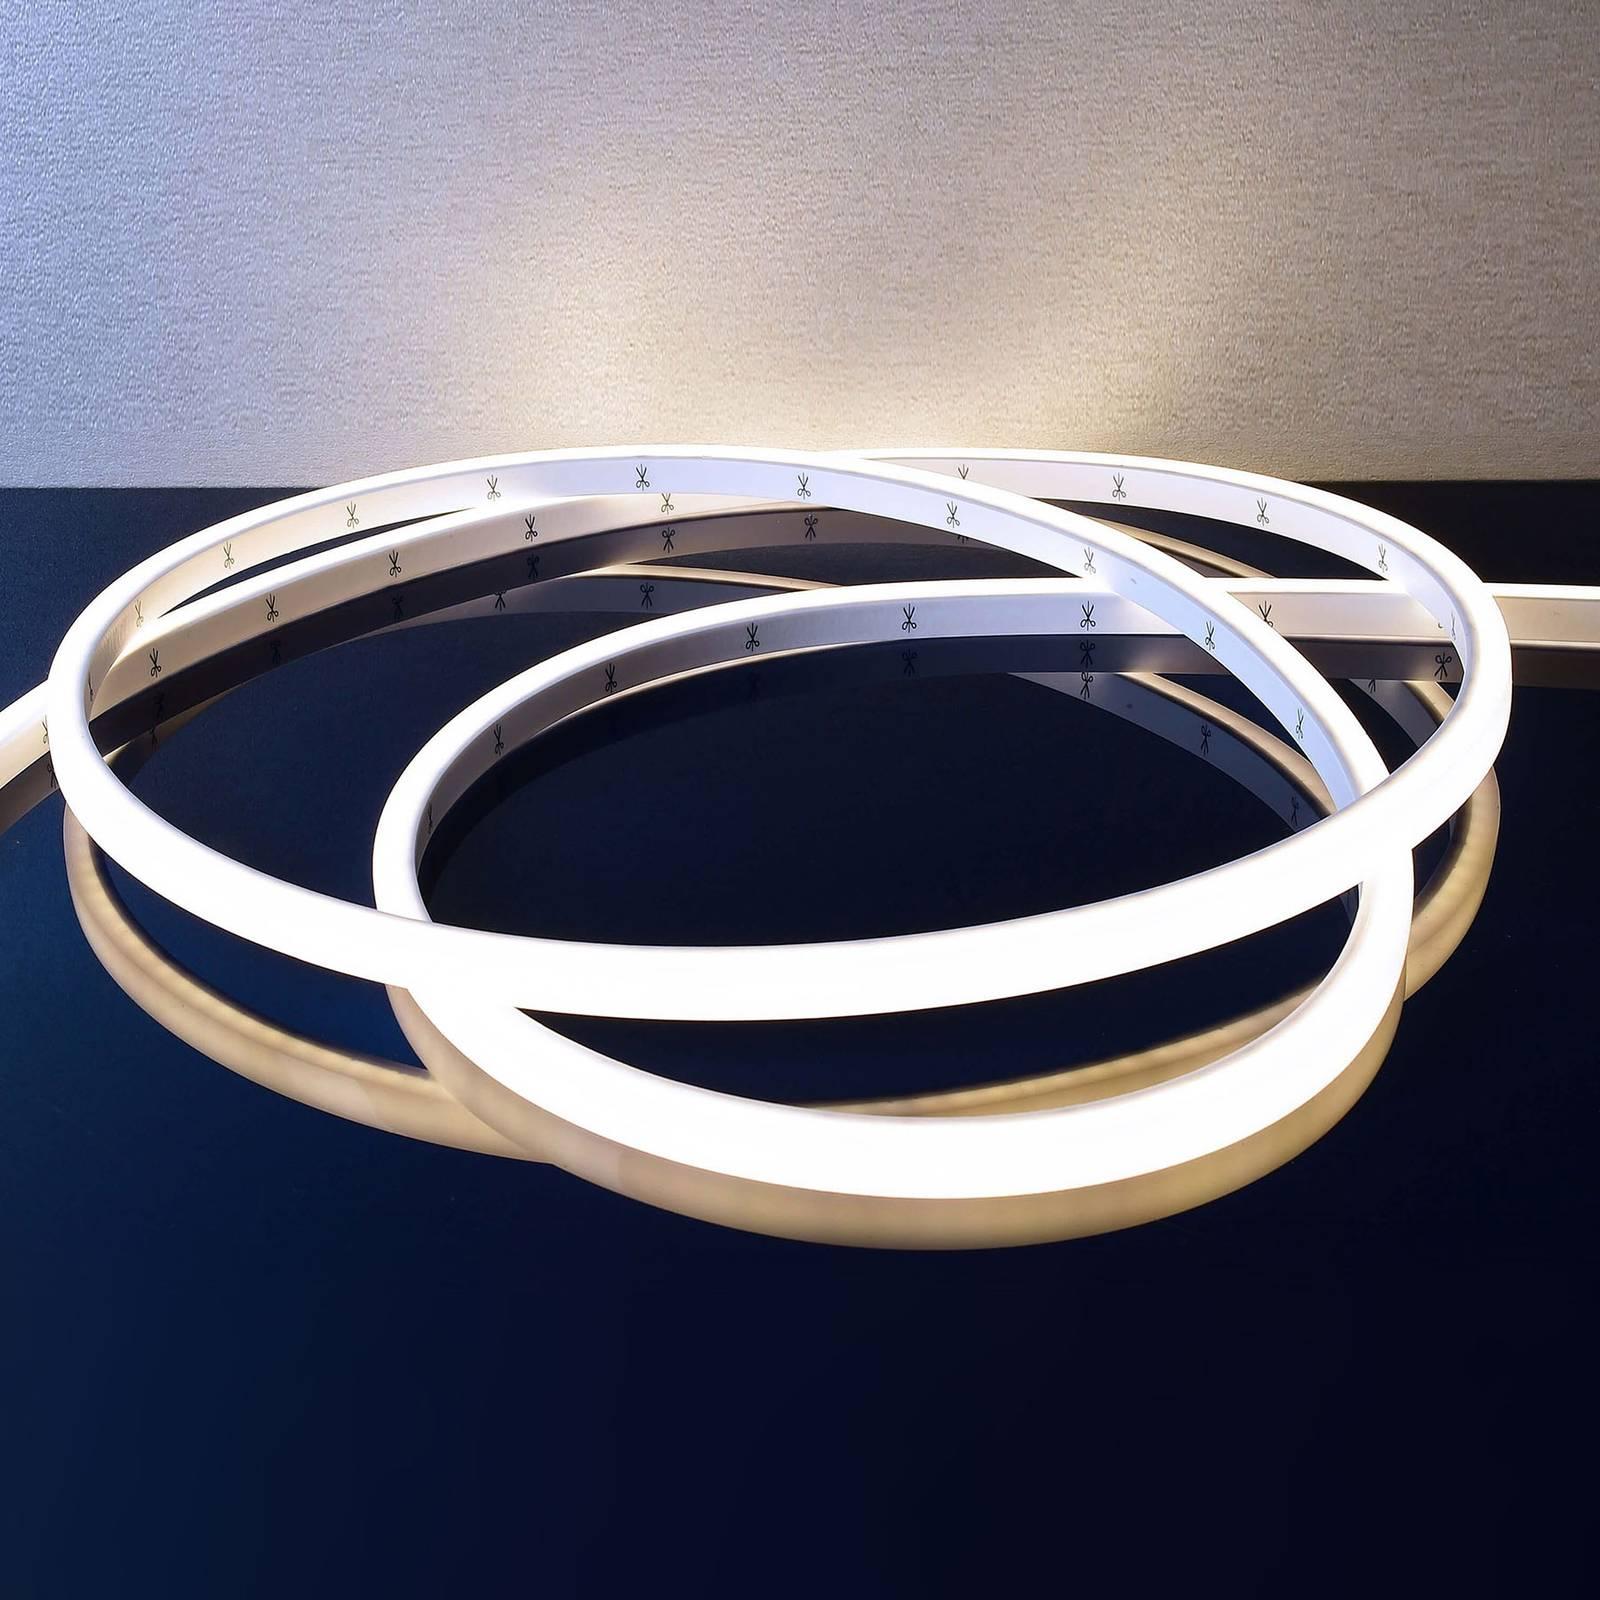 LED-nauha D Flex Line Mini Top View 3 000K IP68